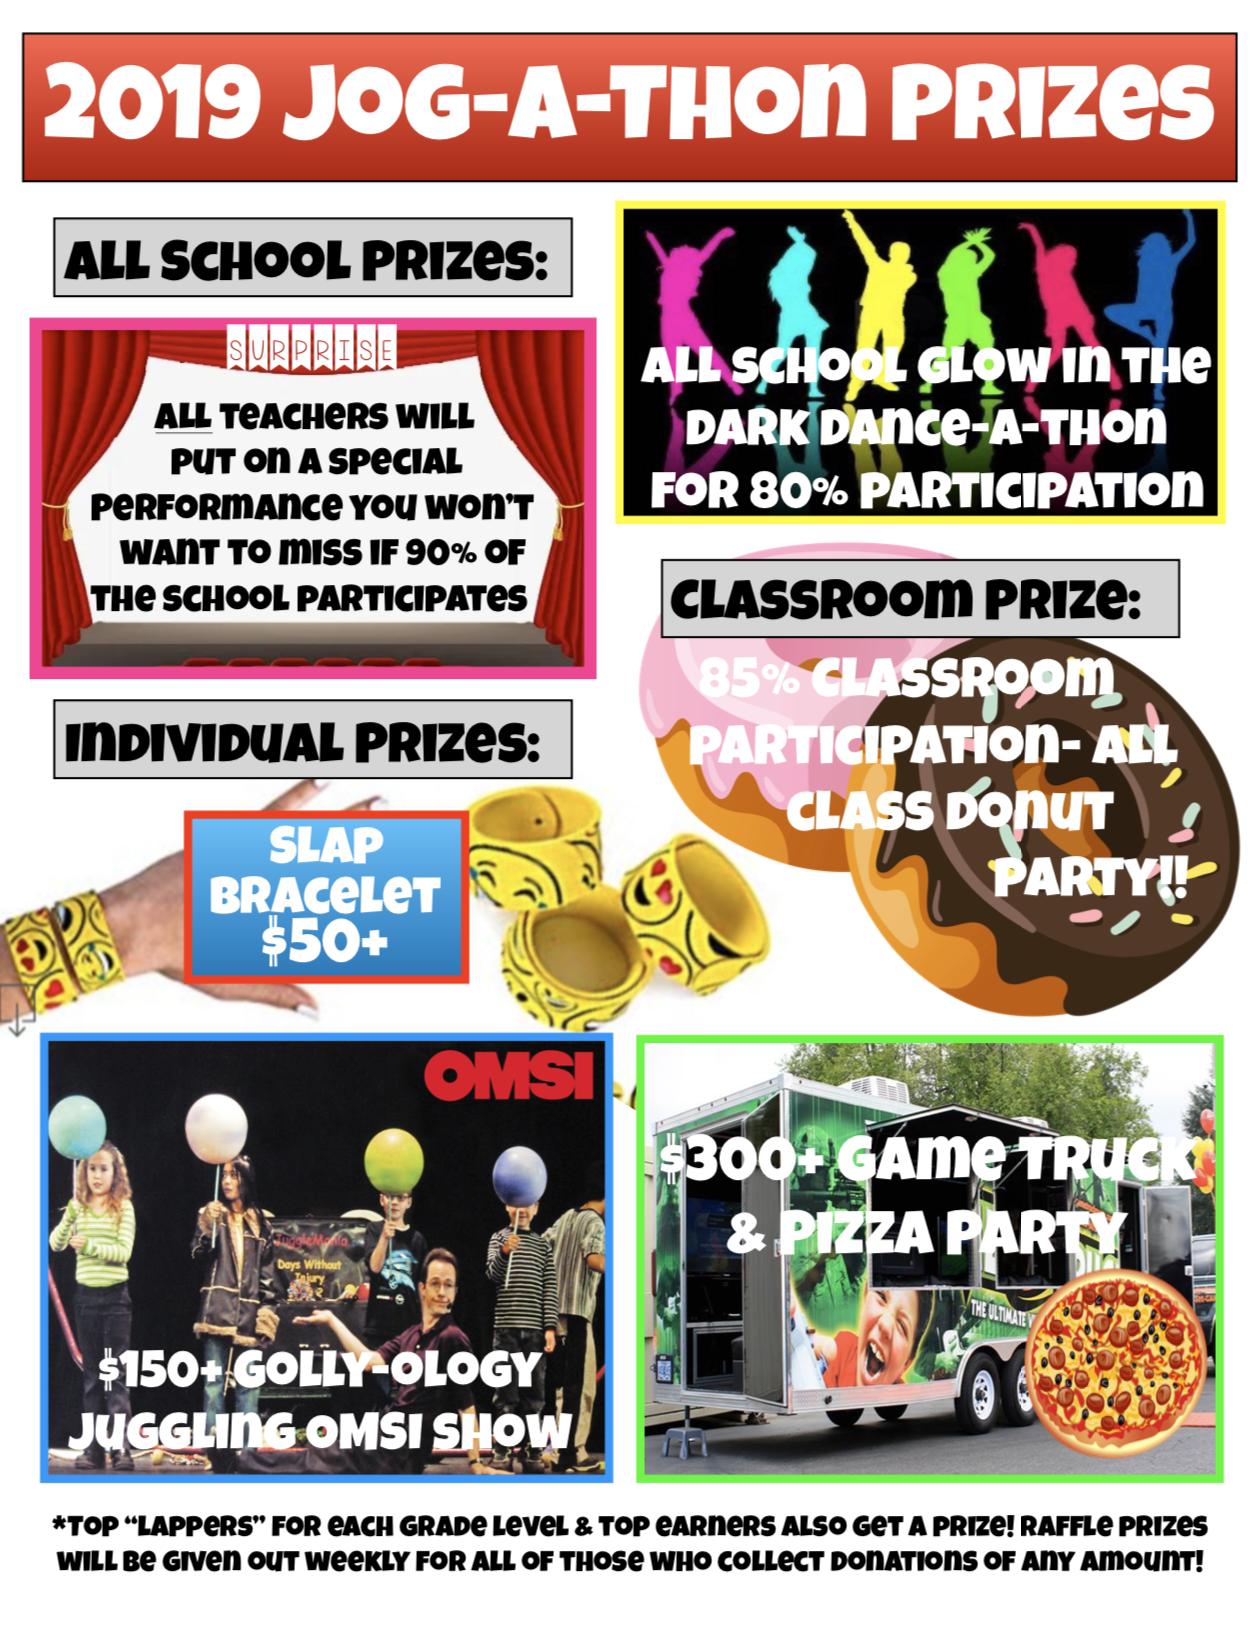 jogathon-prizes.png